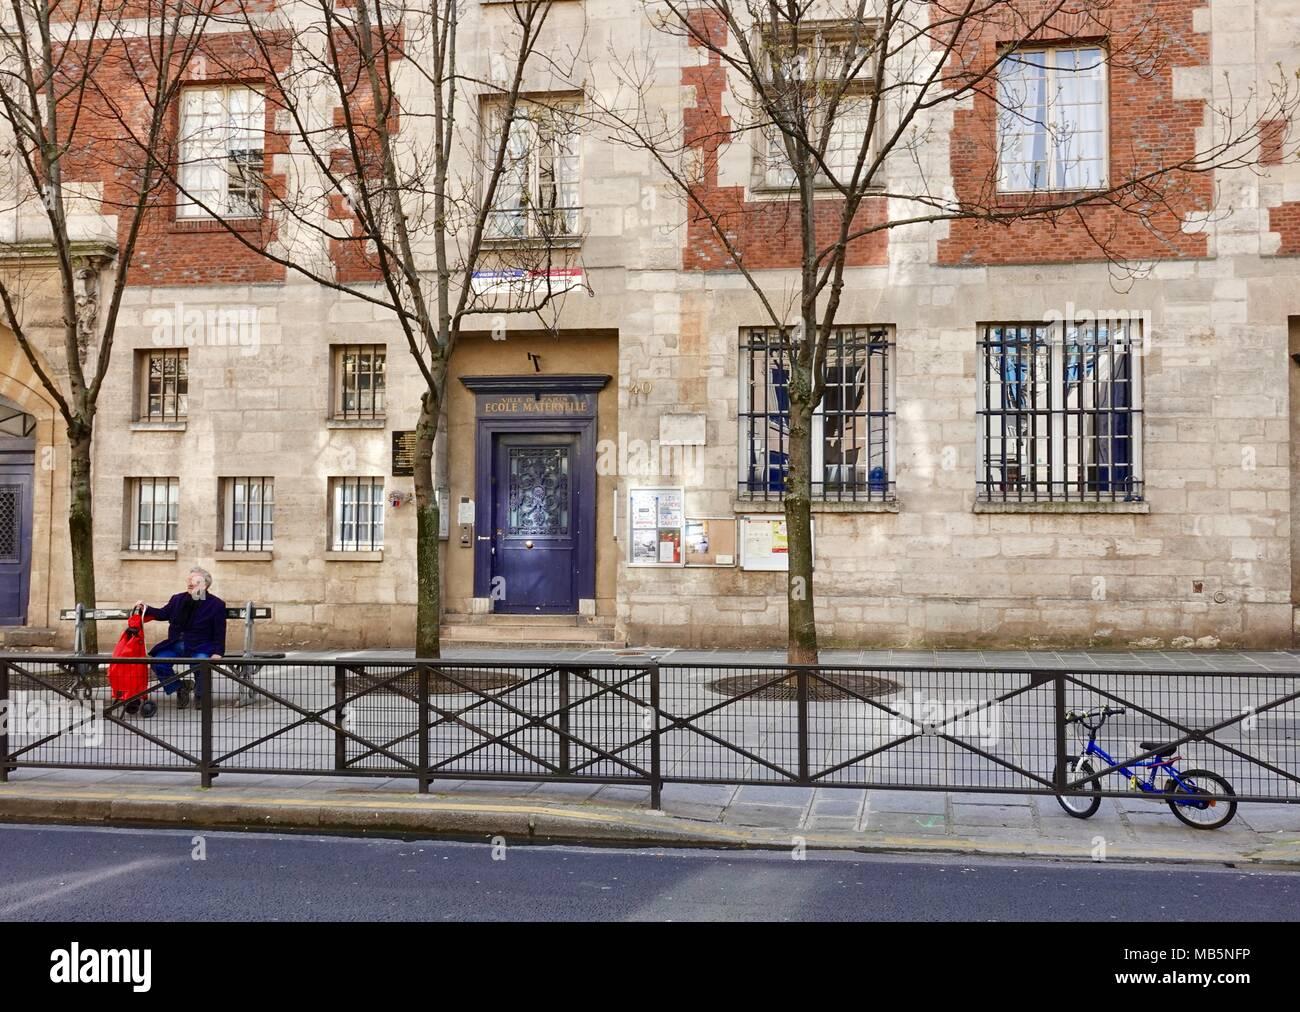 Homme avec un panier rouge est assis sur un banc en face de l'école maternelle, l'école maternelle française, 4e arrondissement, Paris, France Banque D'Images